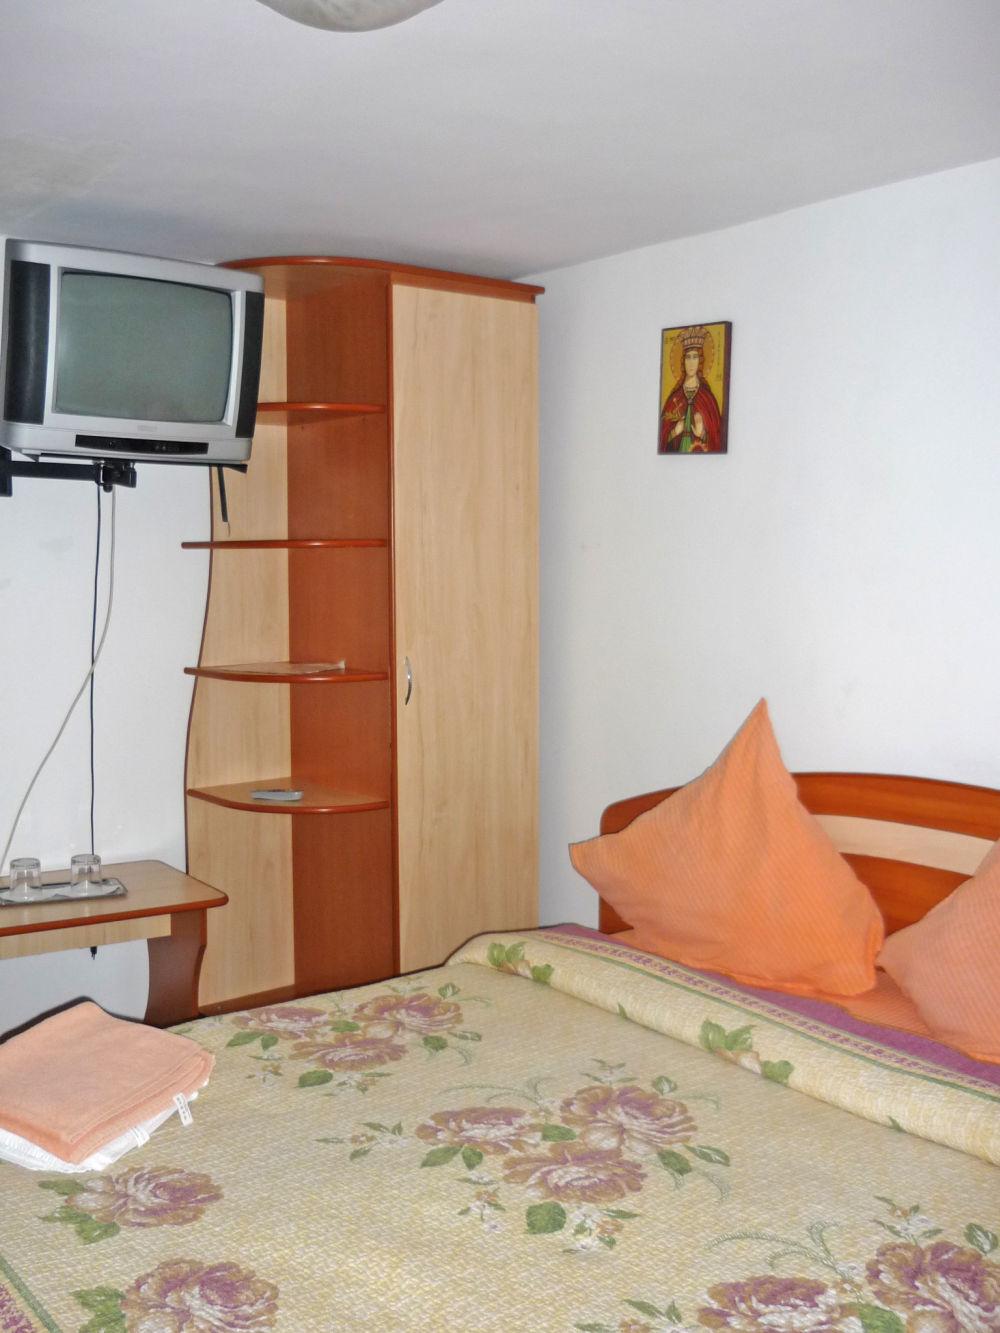 Perla-Durau-1000px-cam9-003